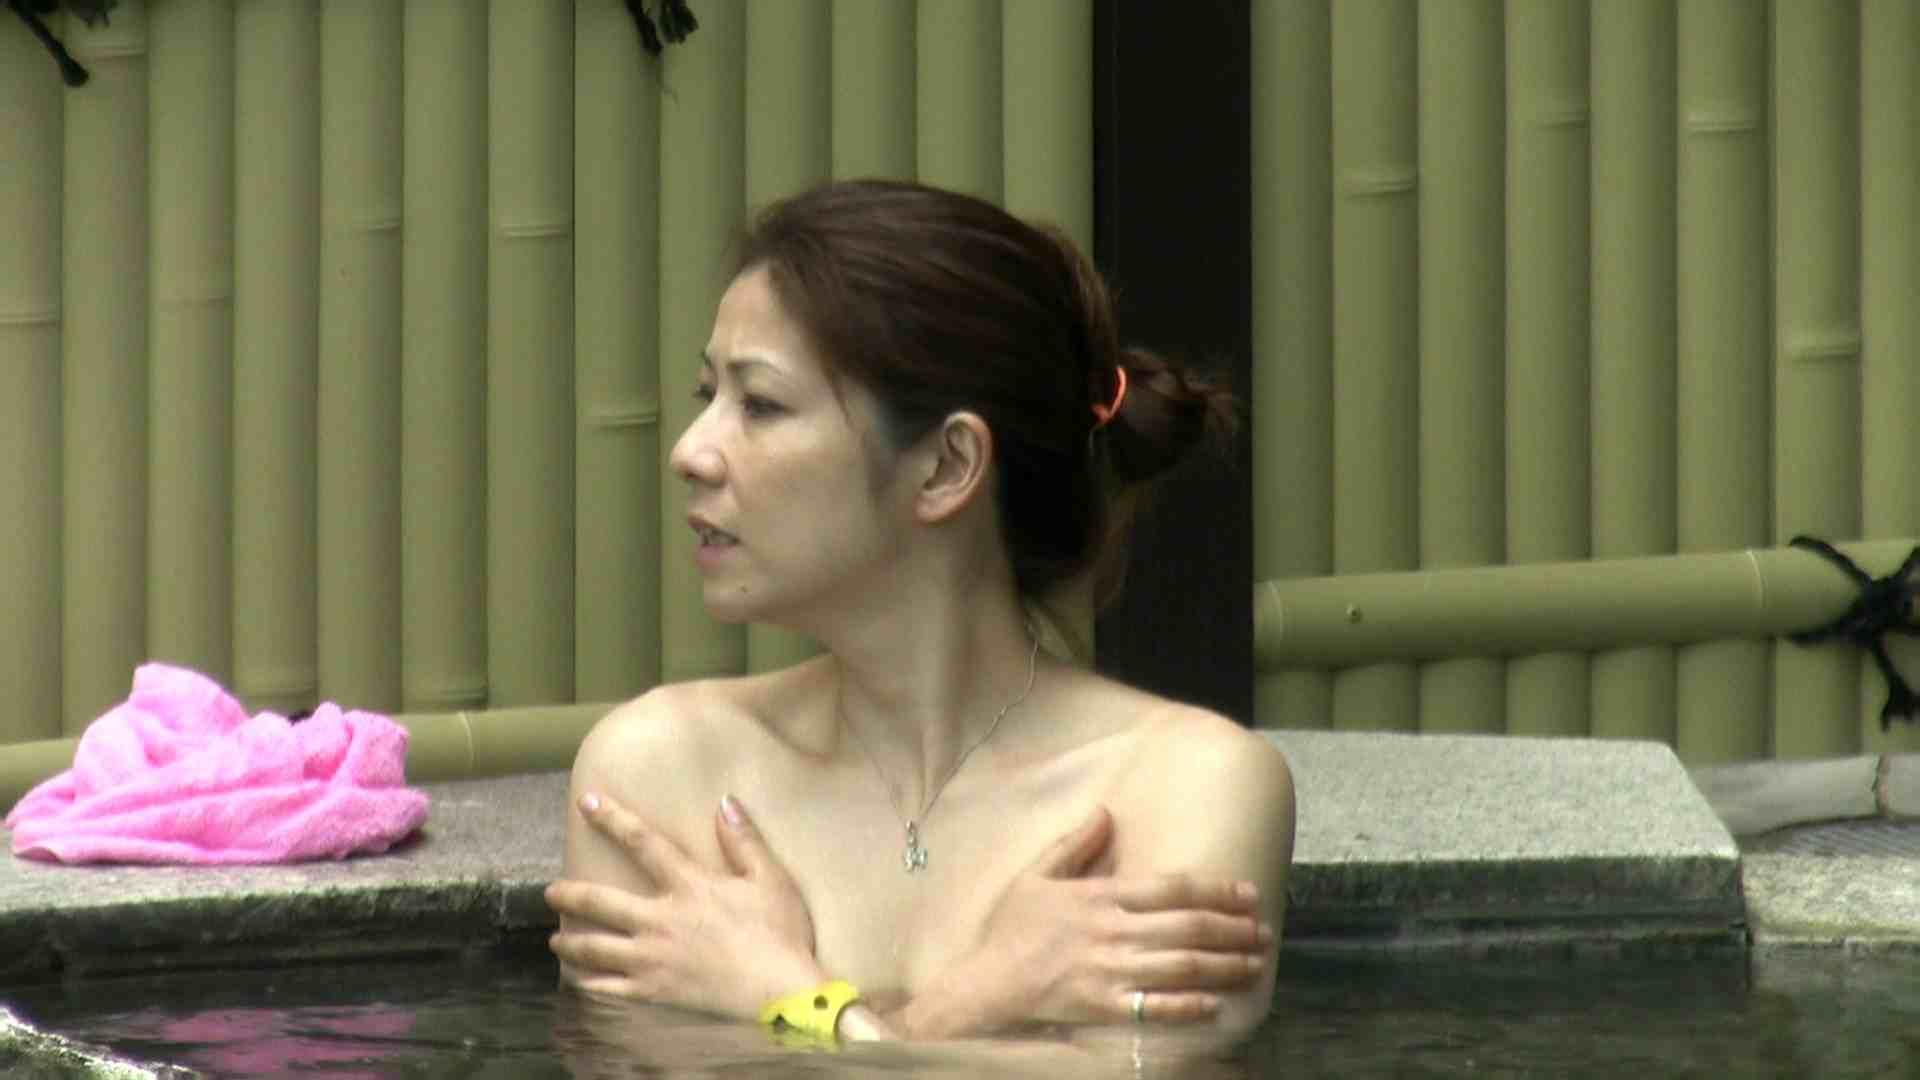 Aquaな露天風呂Vol.660 露天風呂 | 盗撮動画  11枚 1